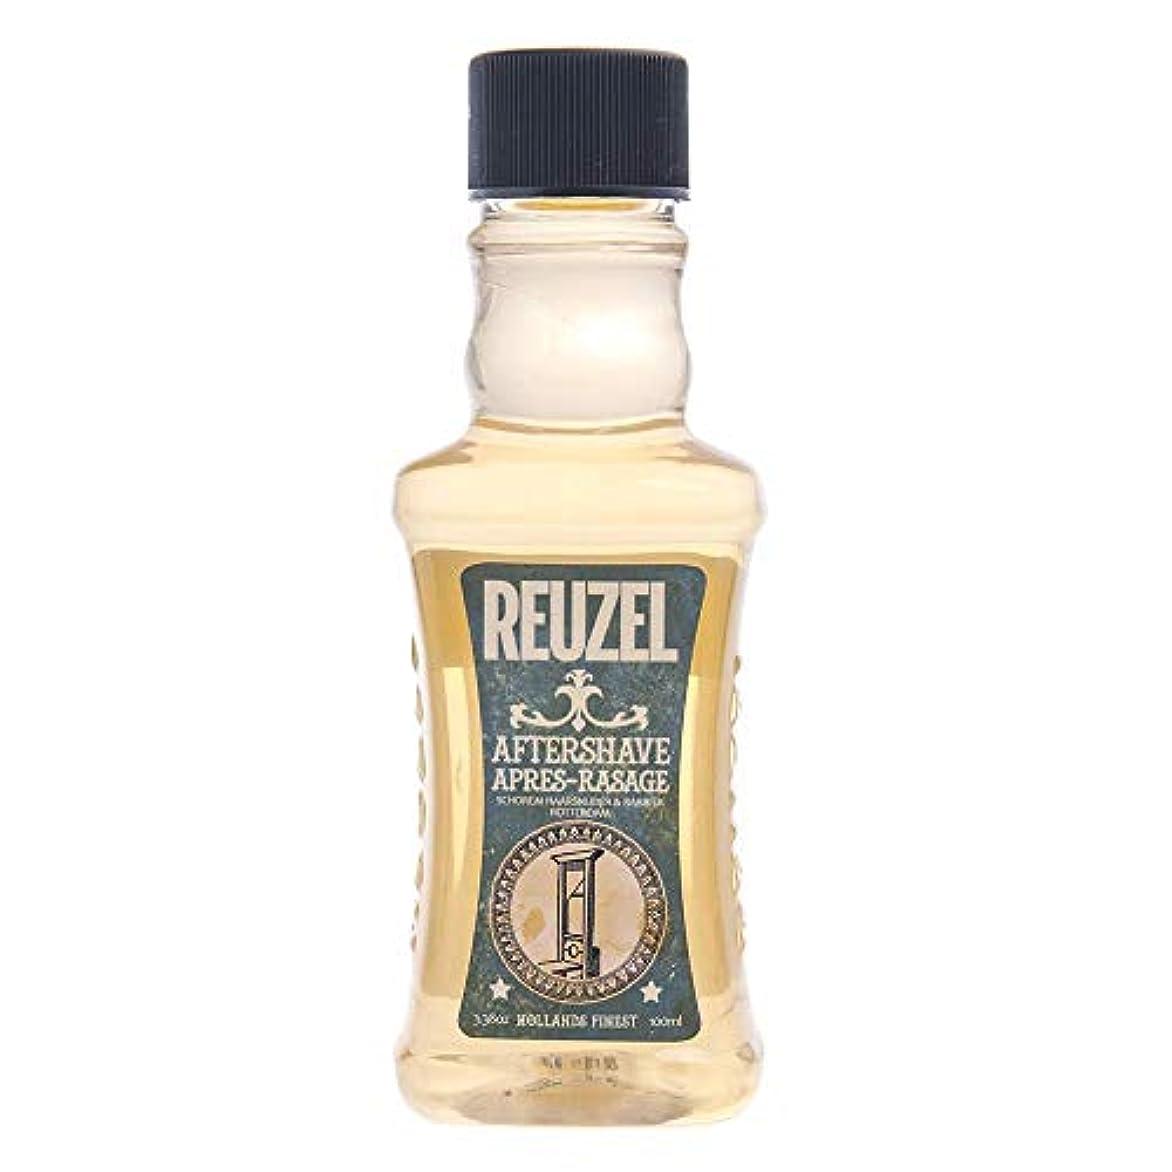 他の日罰雄大なルーゾー ビアード アフターシェーブ Reuzel Beard Aftershave 100 ml [並行輸入品]